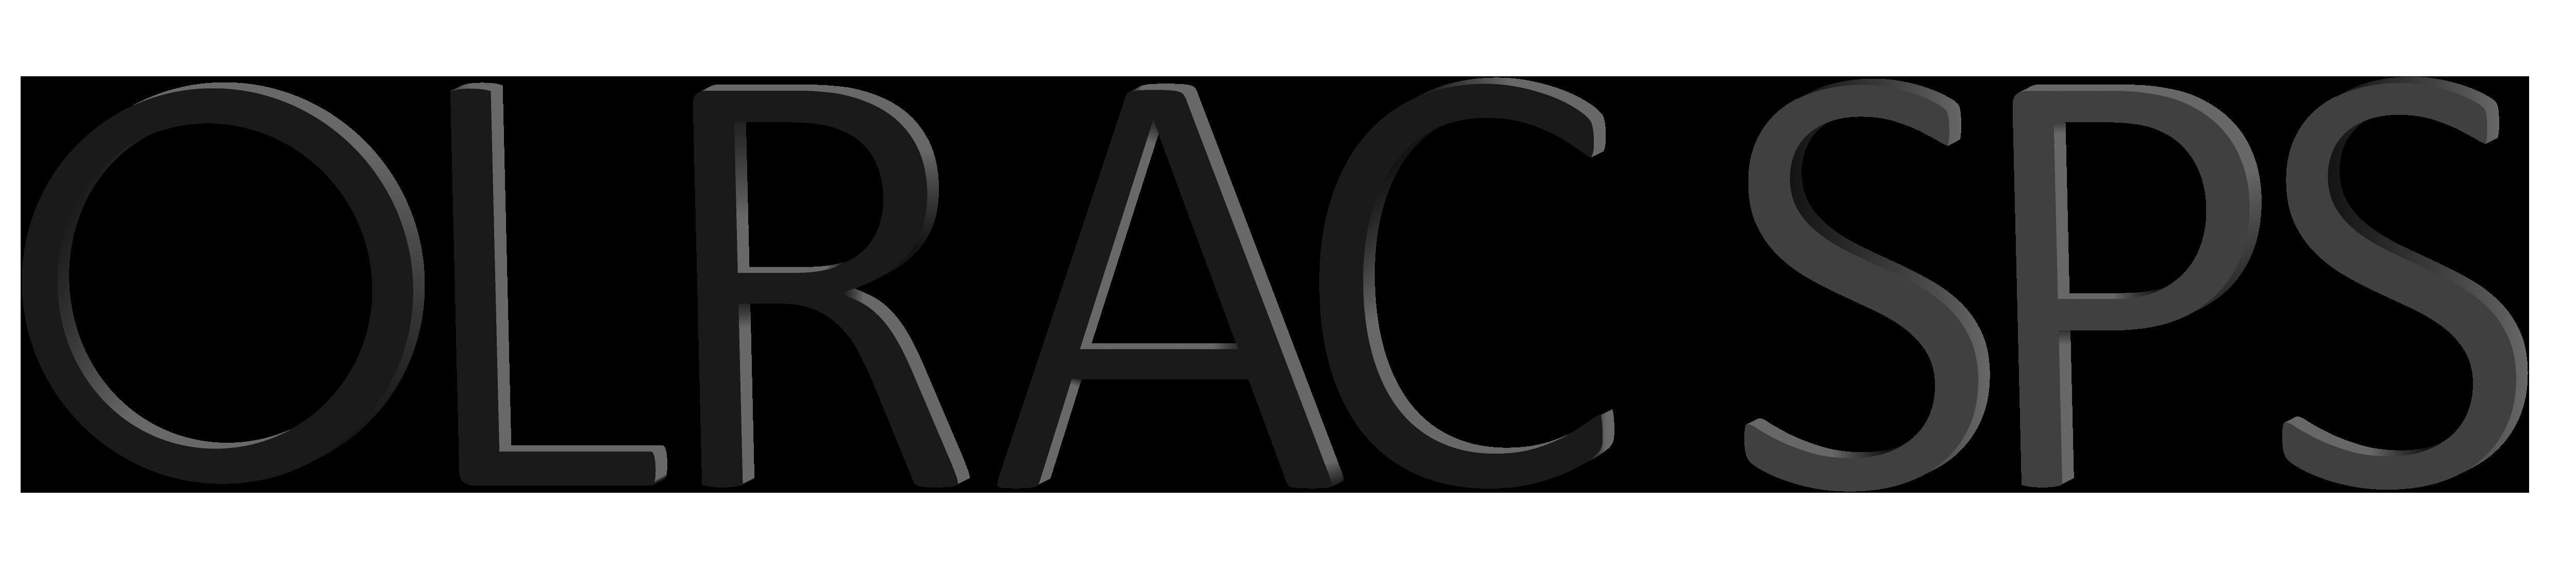 Olrac logo_BW